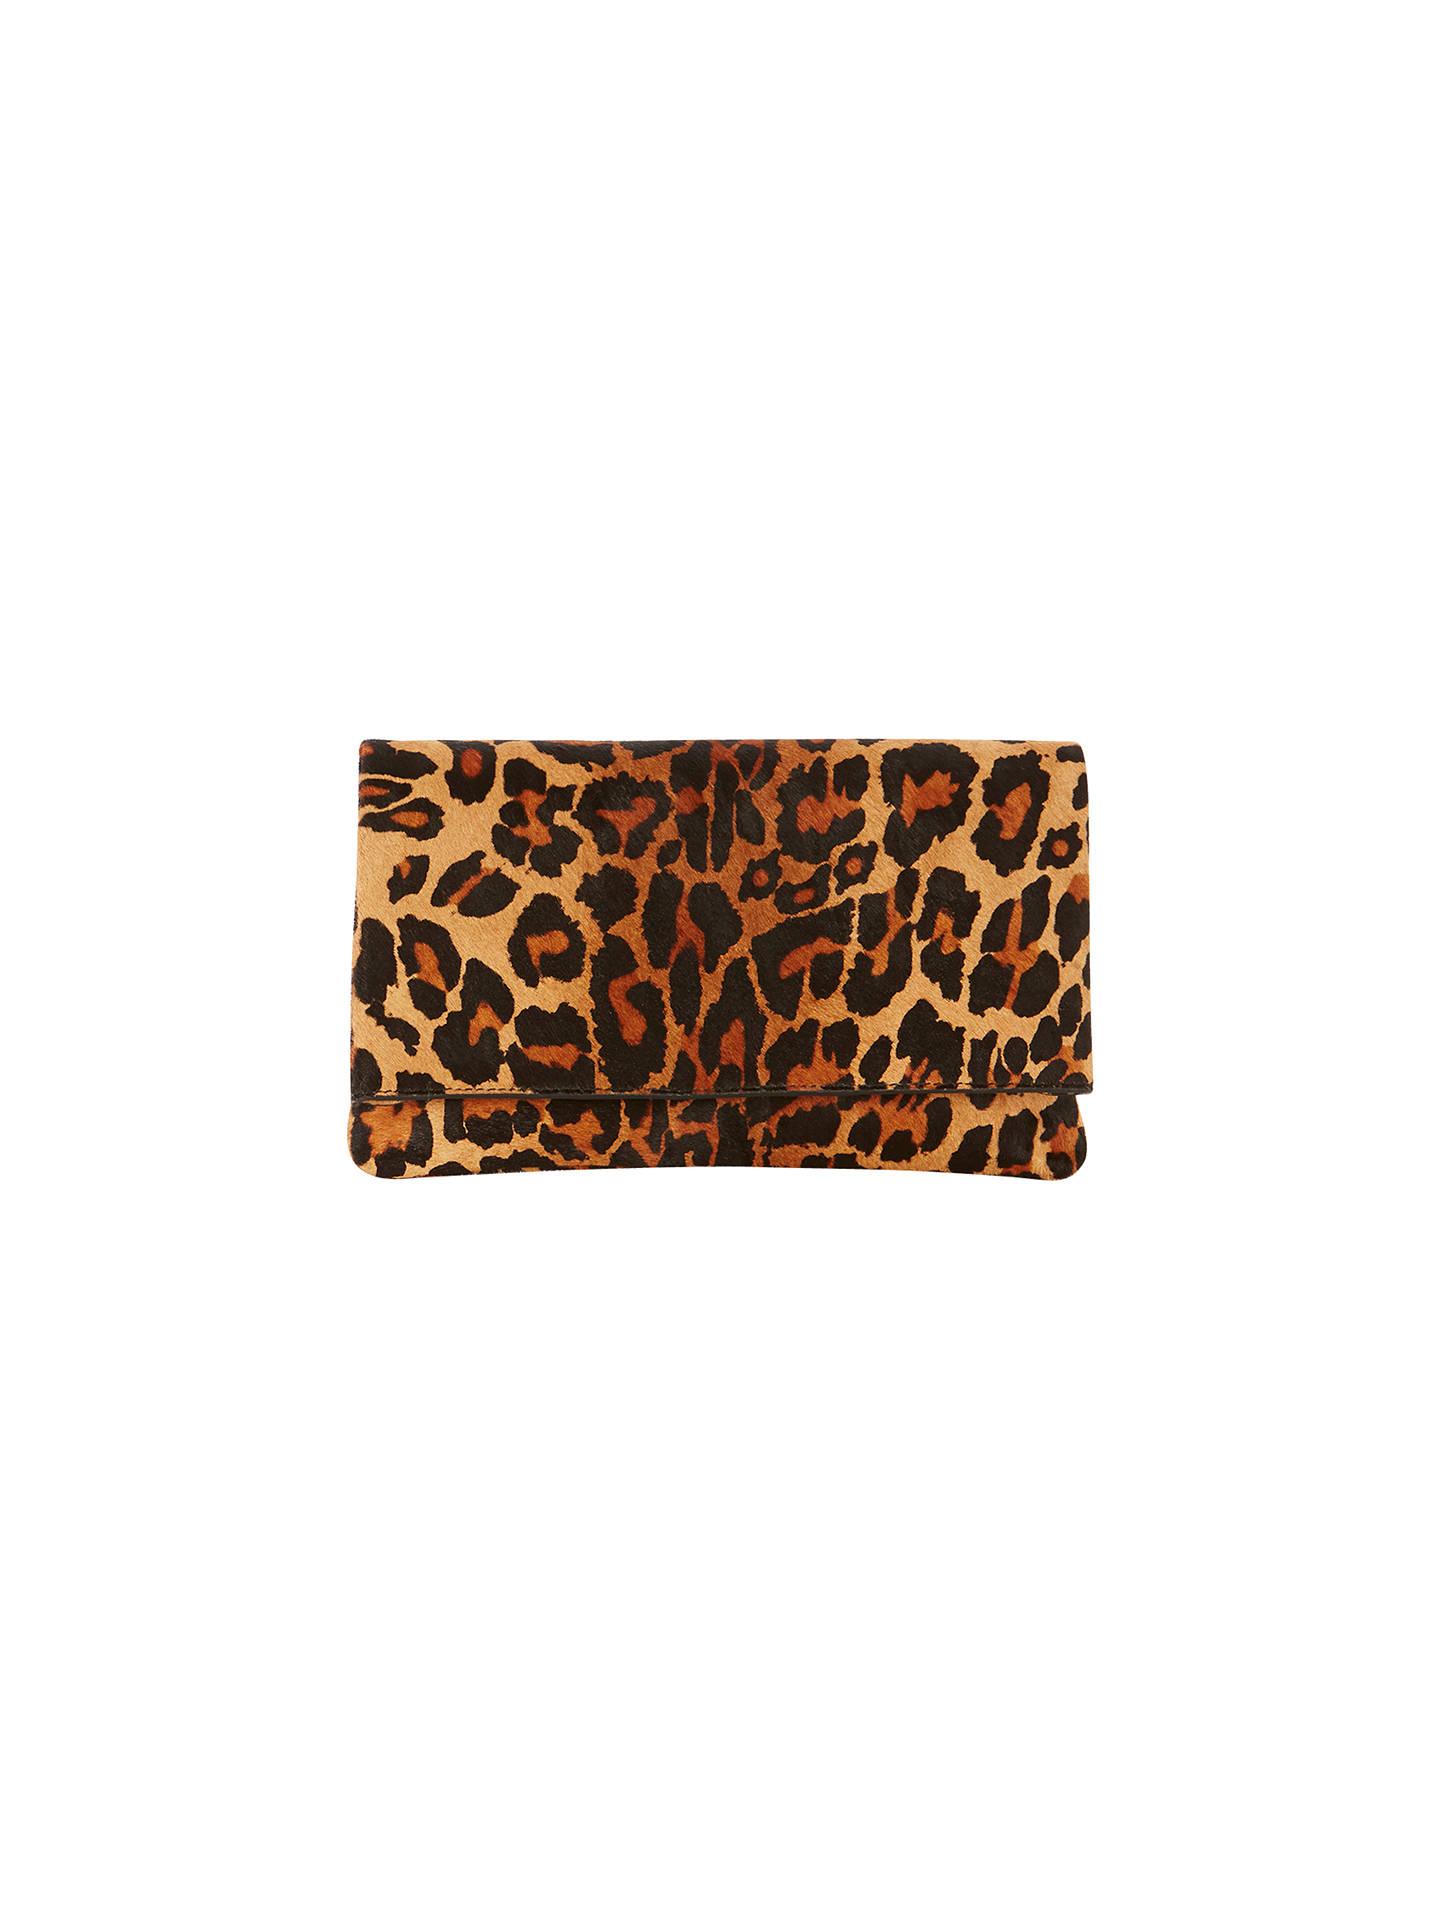 5238855922ba Buy Karen Millen Leopard Print Leather Brompton Clutch Bag, Multi Online at  johnlewis.com ...